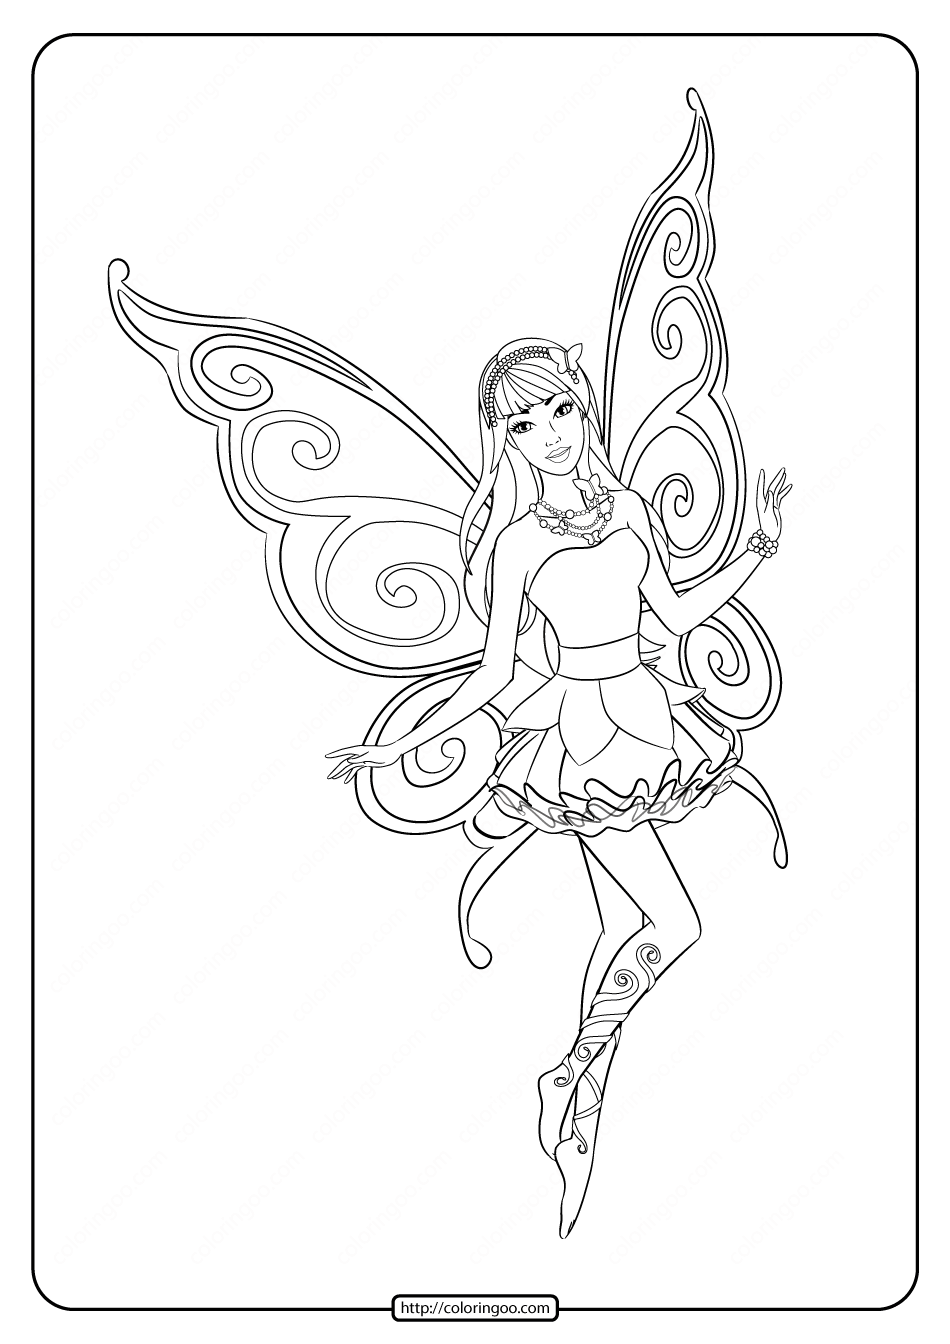 Printable Barbie Fairy Secret Coloring Pages 05